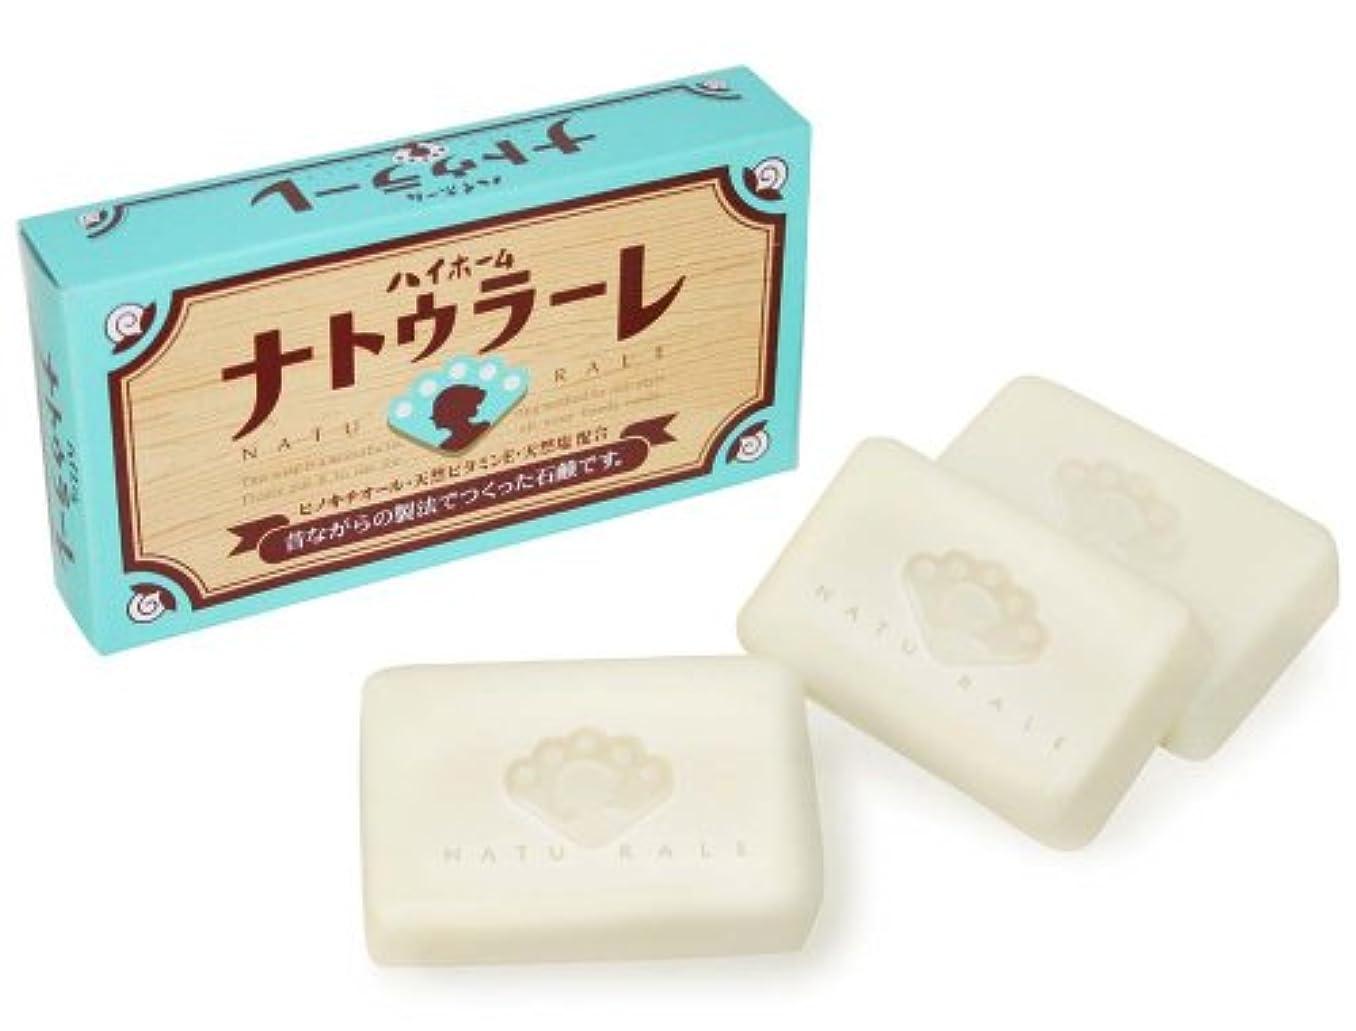 腐食する規模微妙昔ながらの製法で作られた化粧石鹸 ハイホーム ナトゥラーレ 3個入り (天然ビタミンE配合)